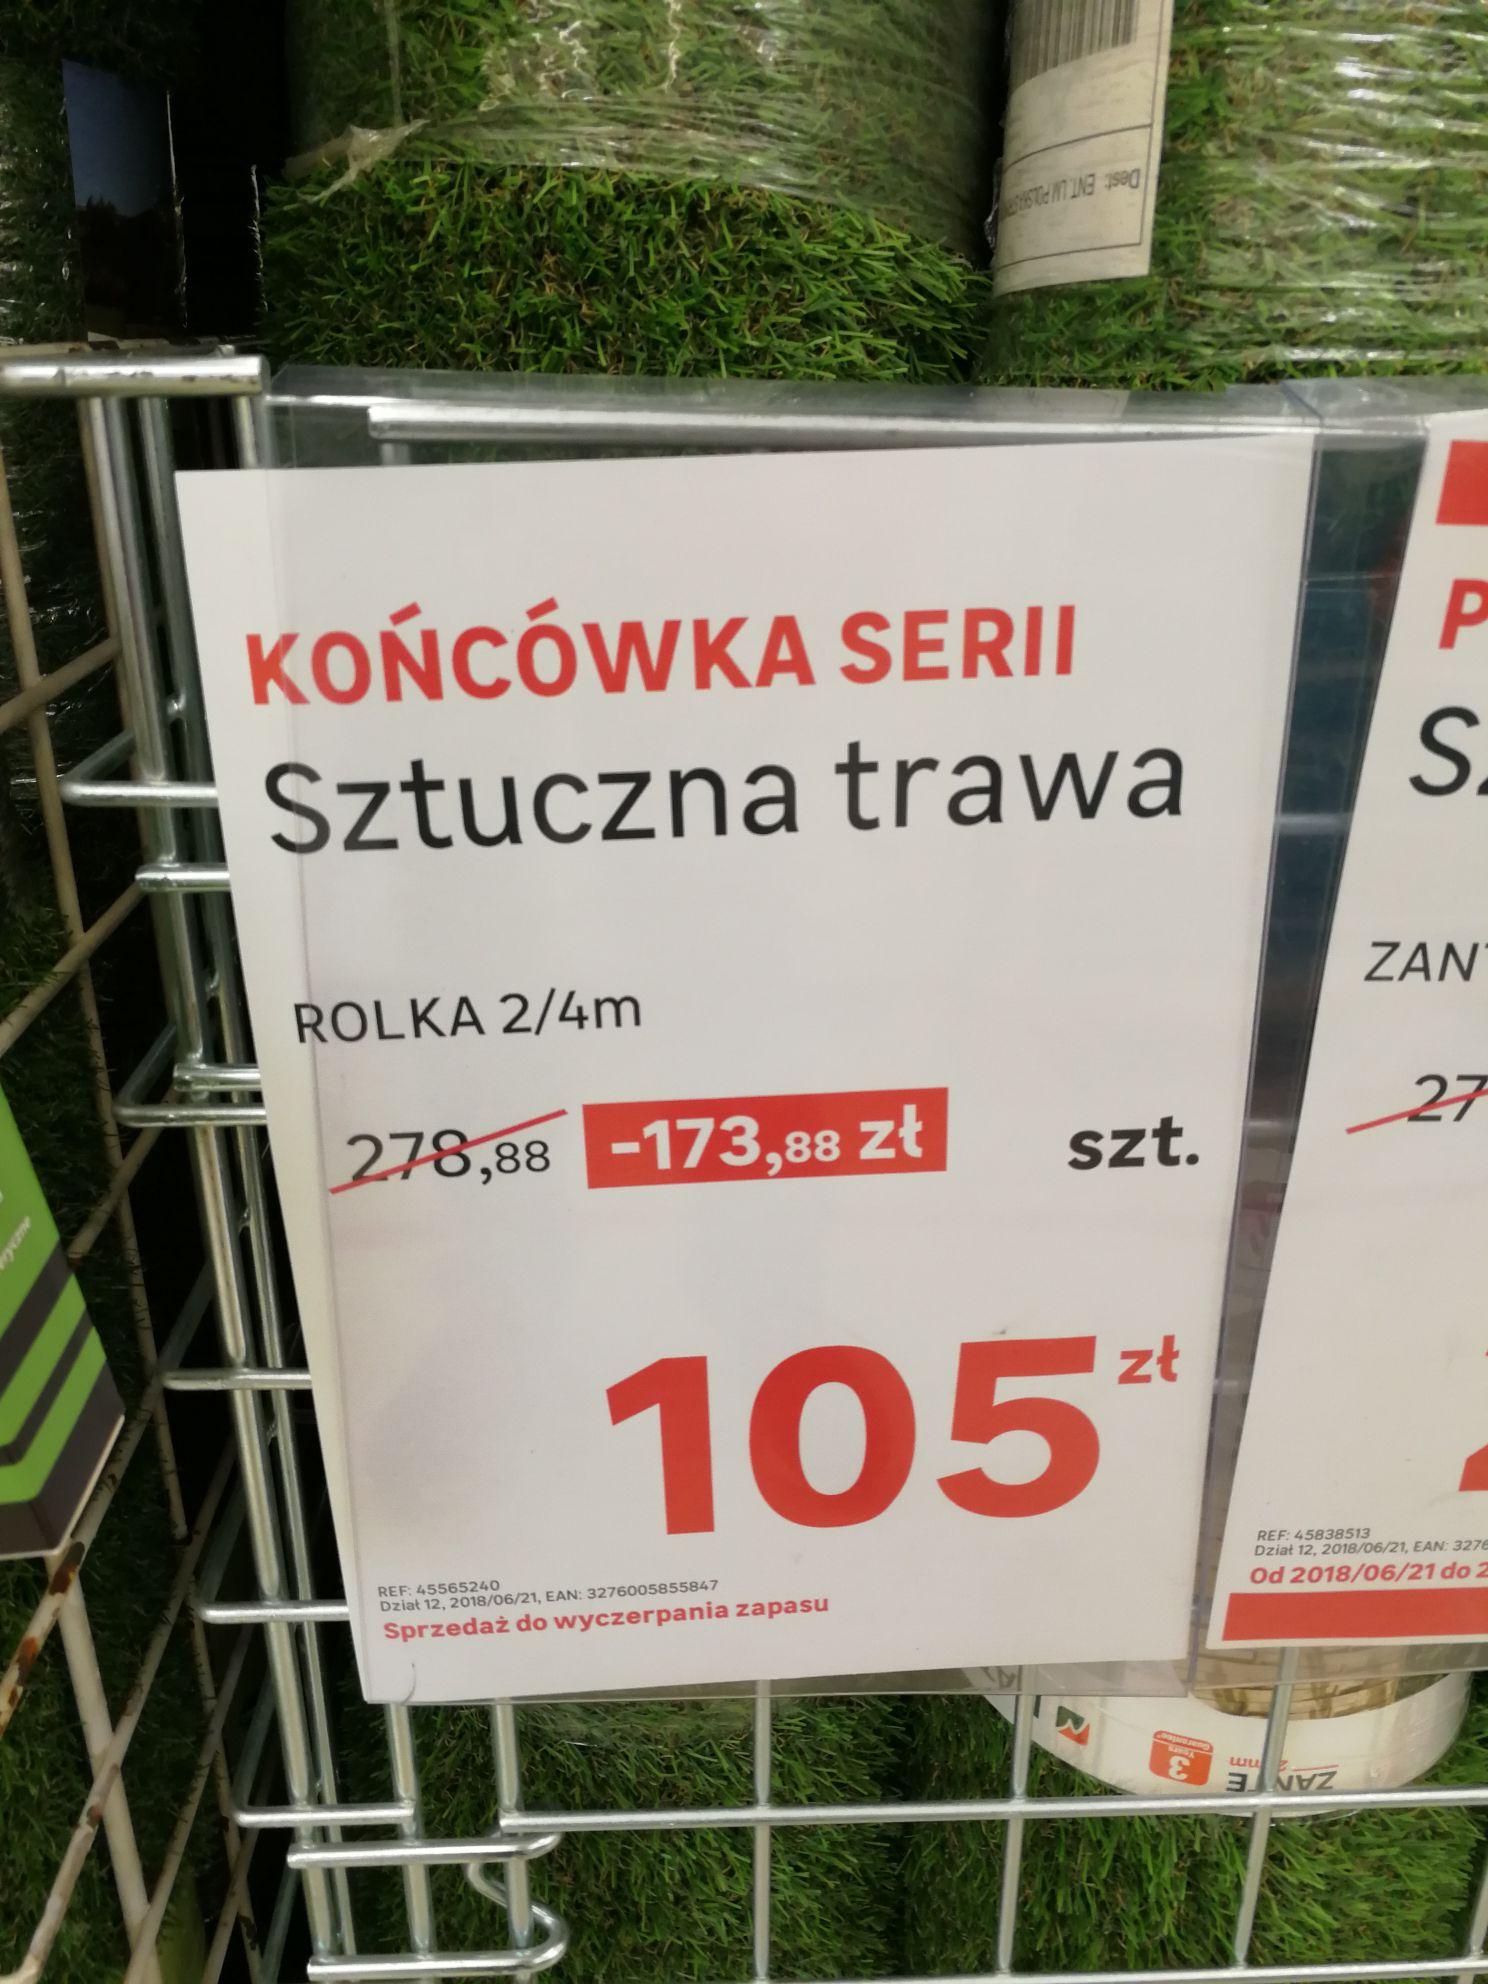 Sztuczna trawa premium, Leroy 2x4m